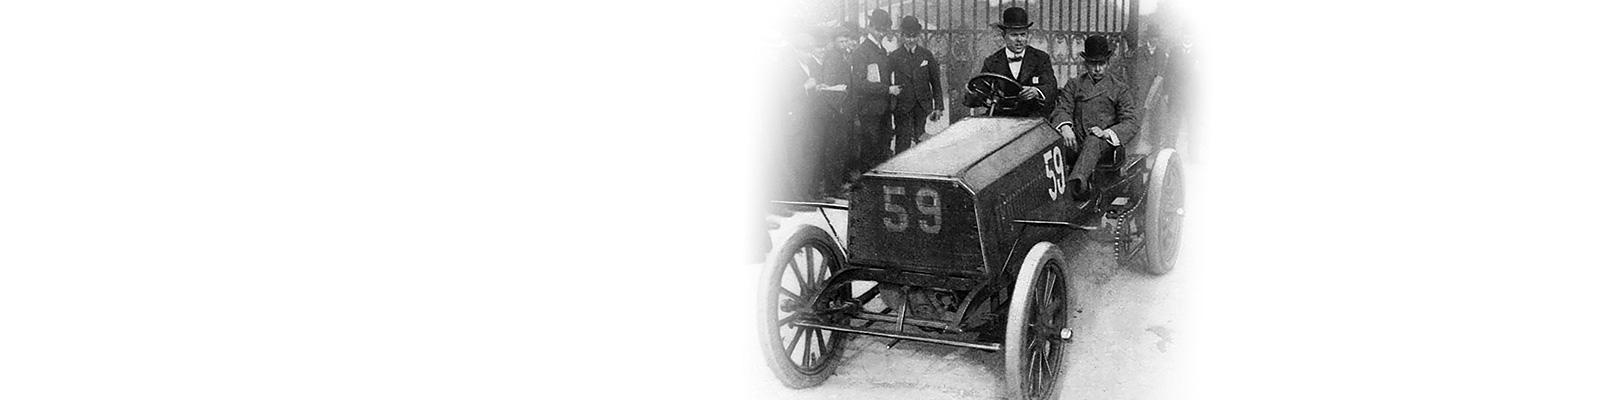 自動車 歴史 イメージ